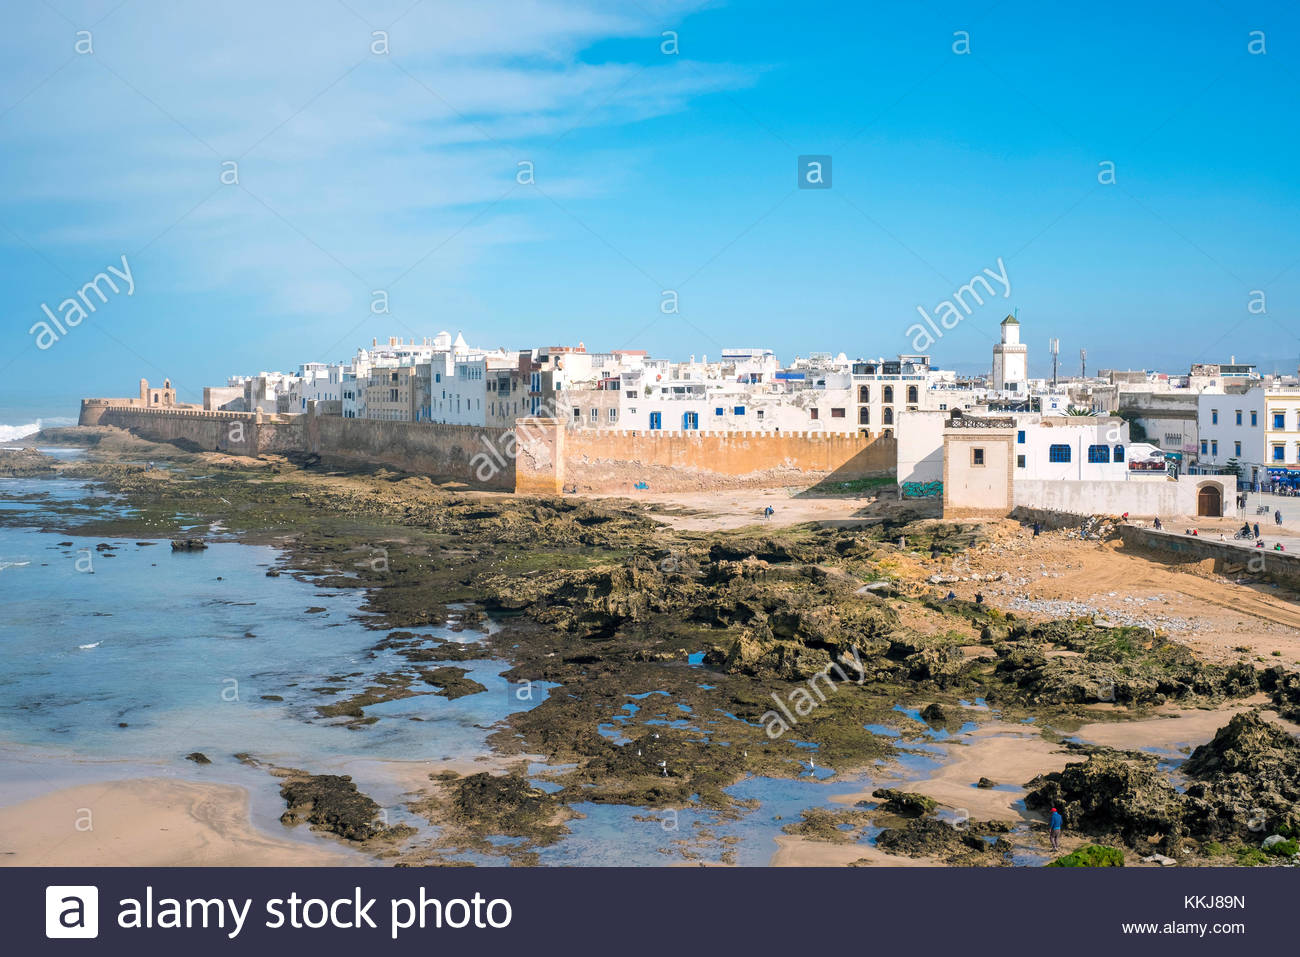 Il Marocco, Marrakesh-Safi (Marrakesh-Tensift-El Haouz) regione, Essaouira. Medina città vecchia, protetto Immagini Stock